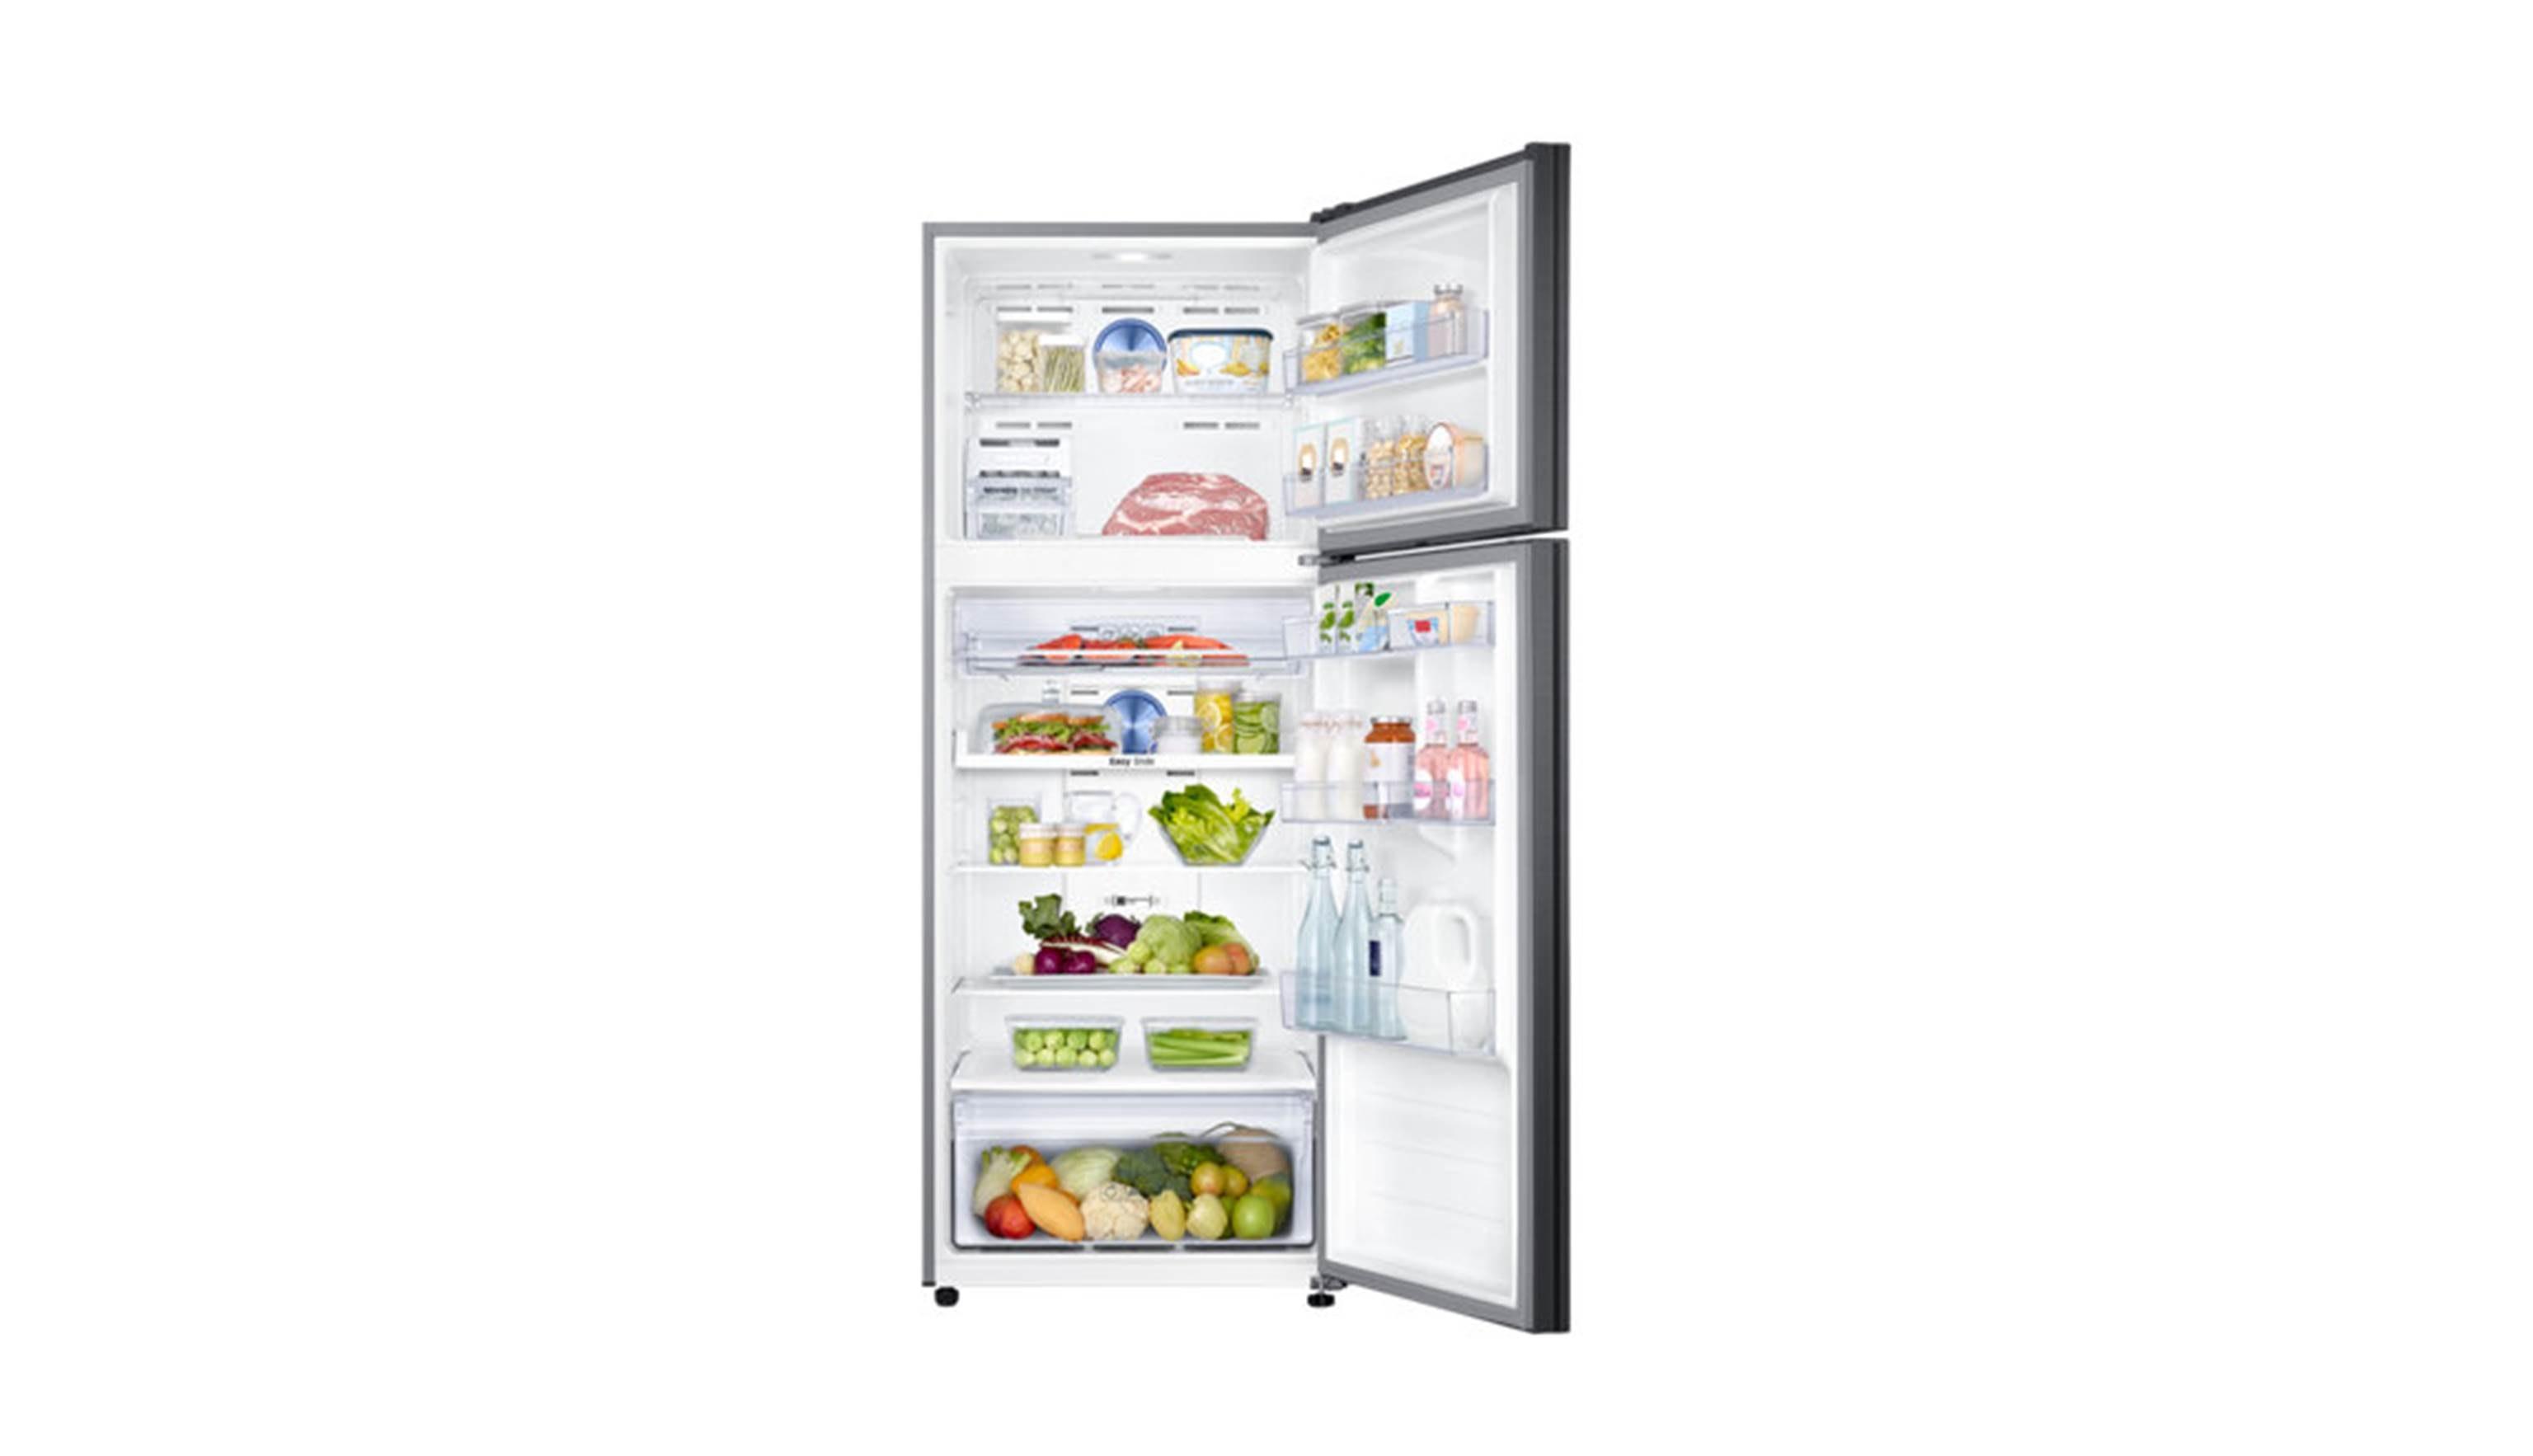 Samsung RT46K6237BSSS 2 Door Refrigerator - Black (3)